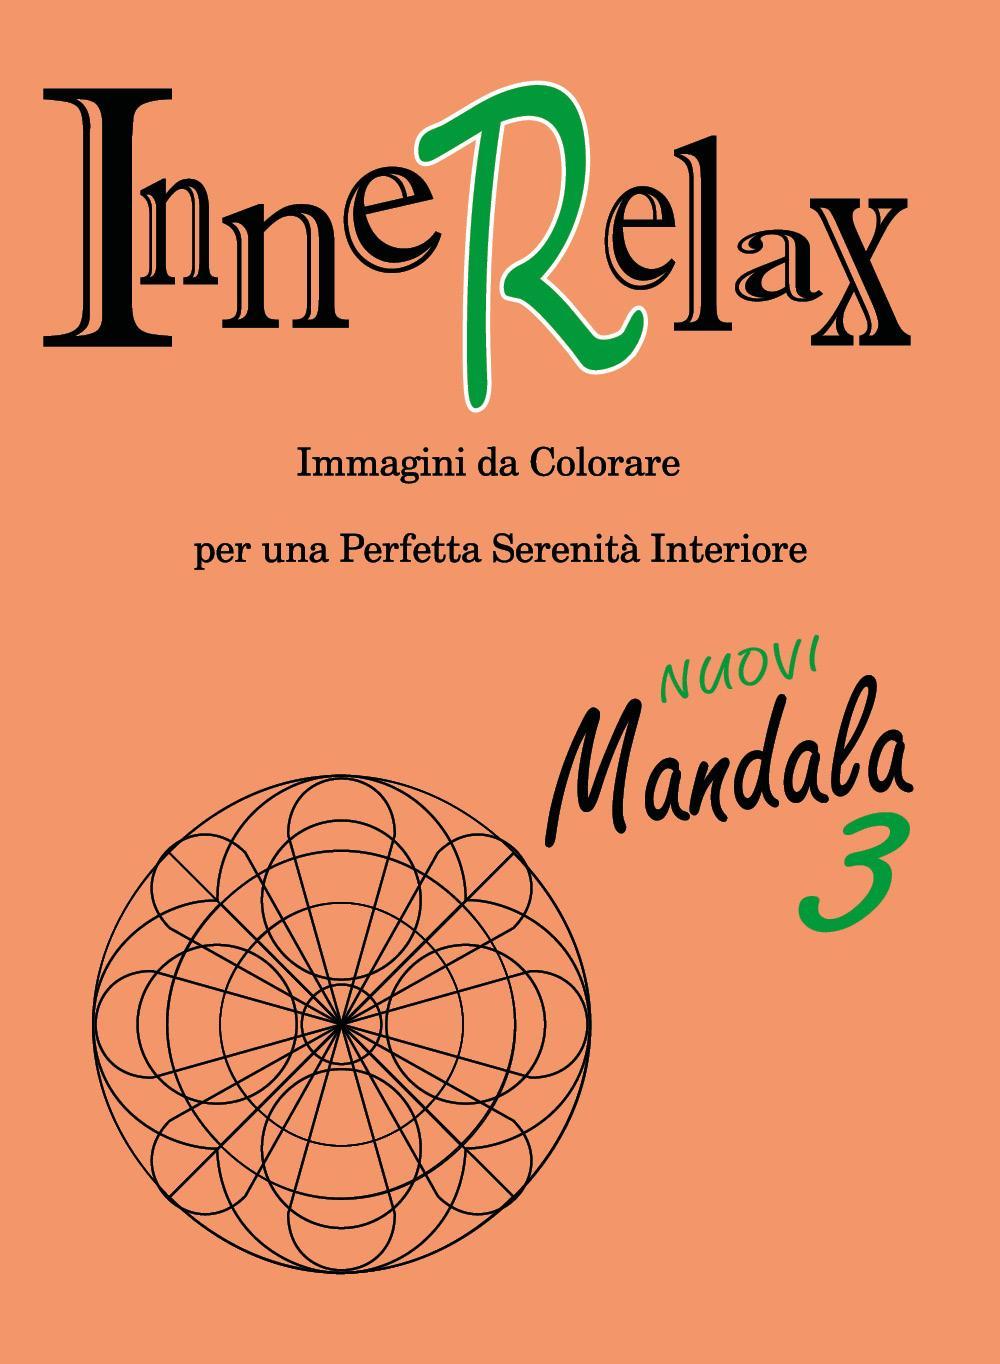 Innerelax - Mandala 3